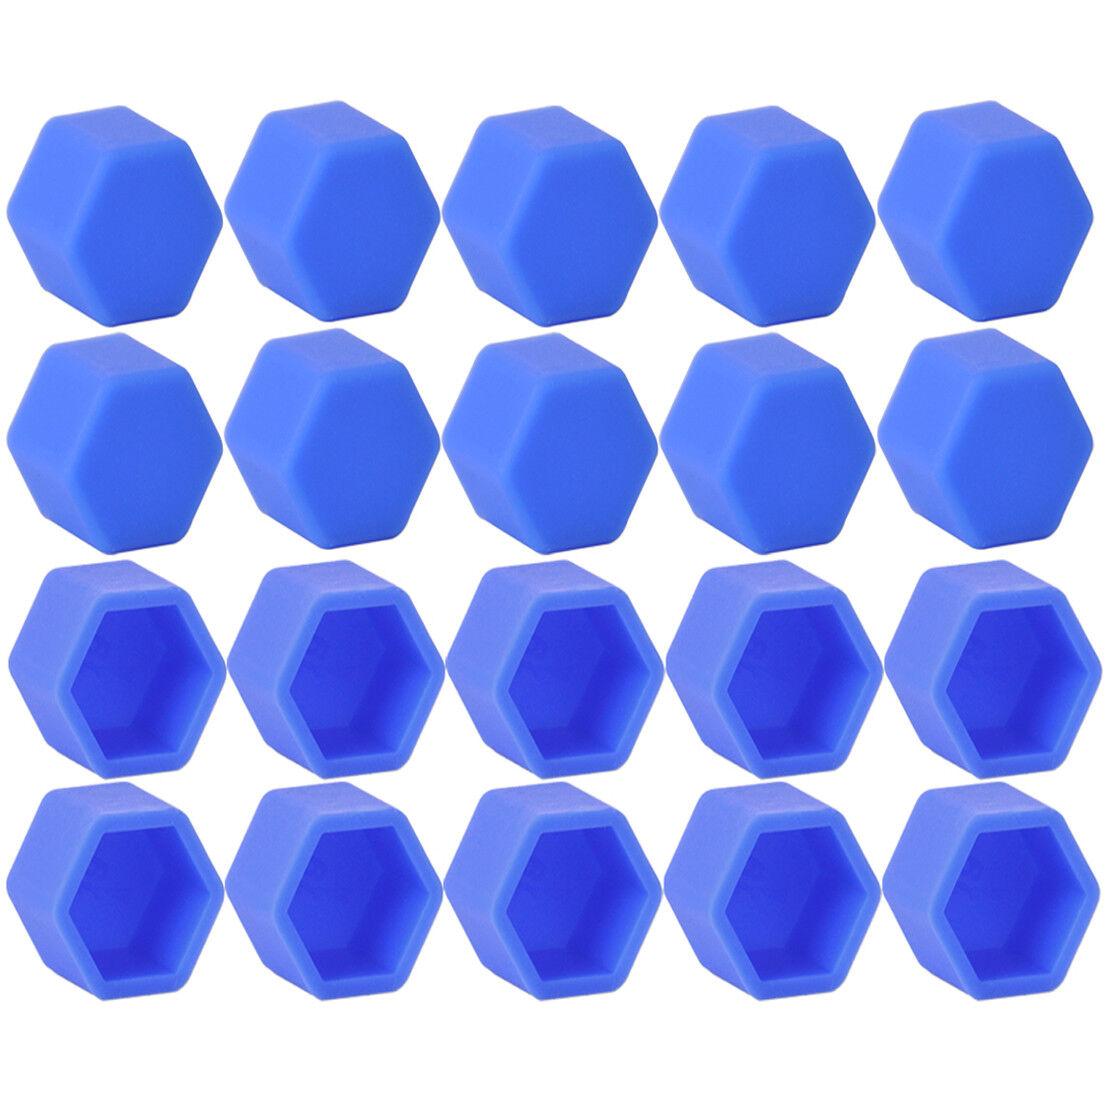 20x Blue Car Wheel Nut Lug Dust Cover Cap Protector Tyre